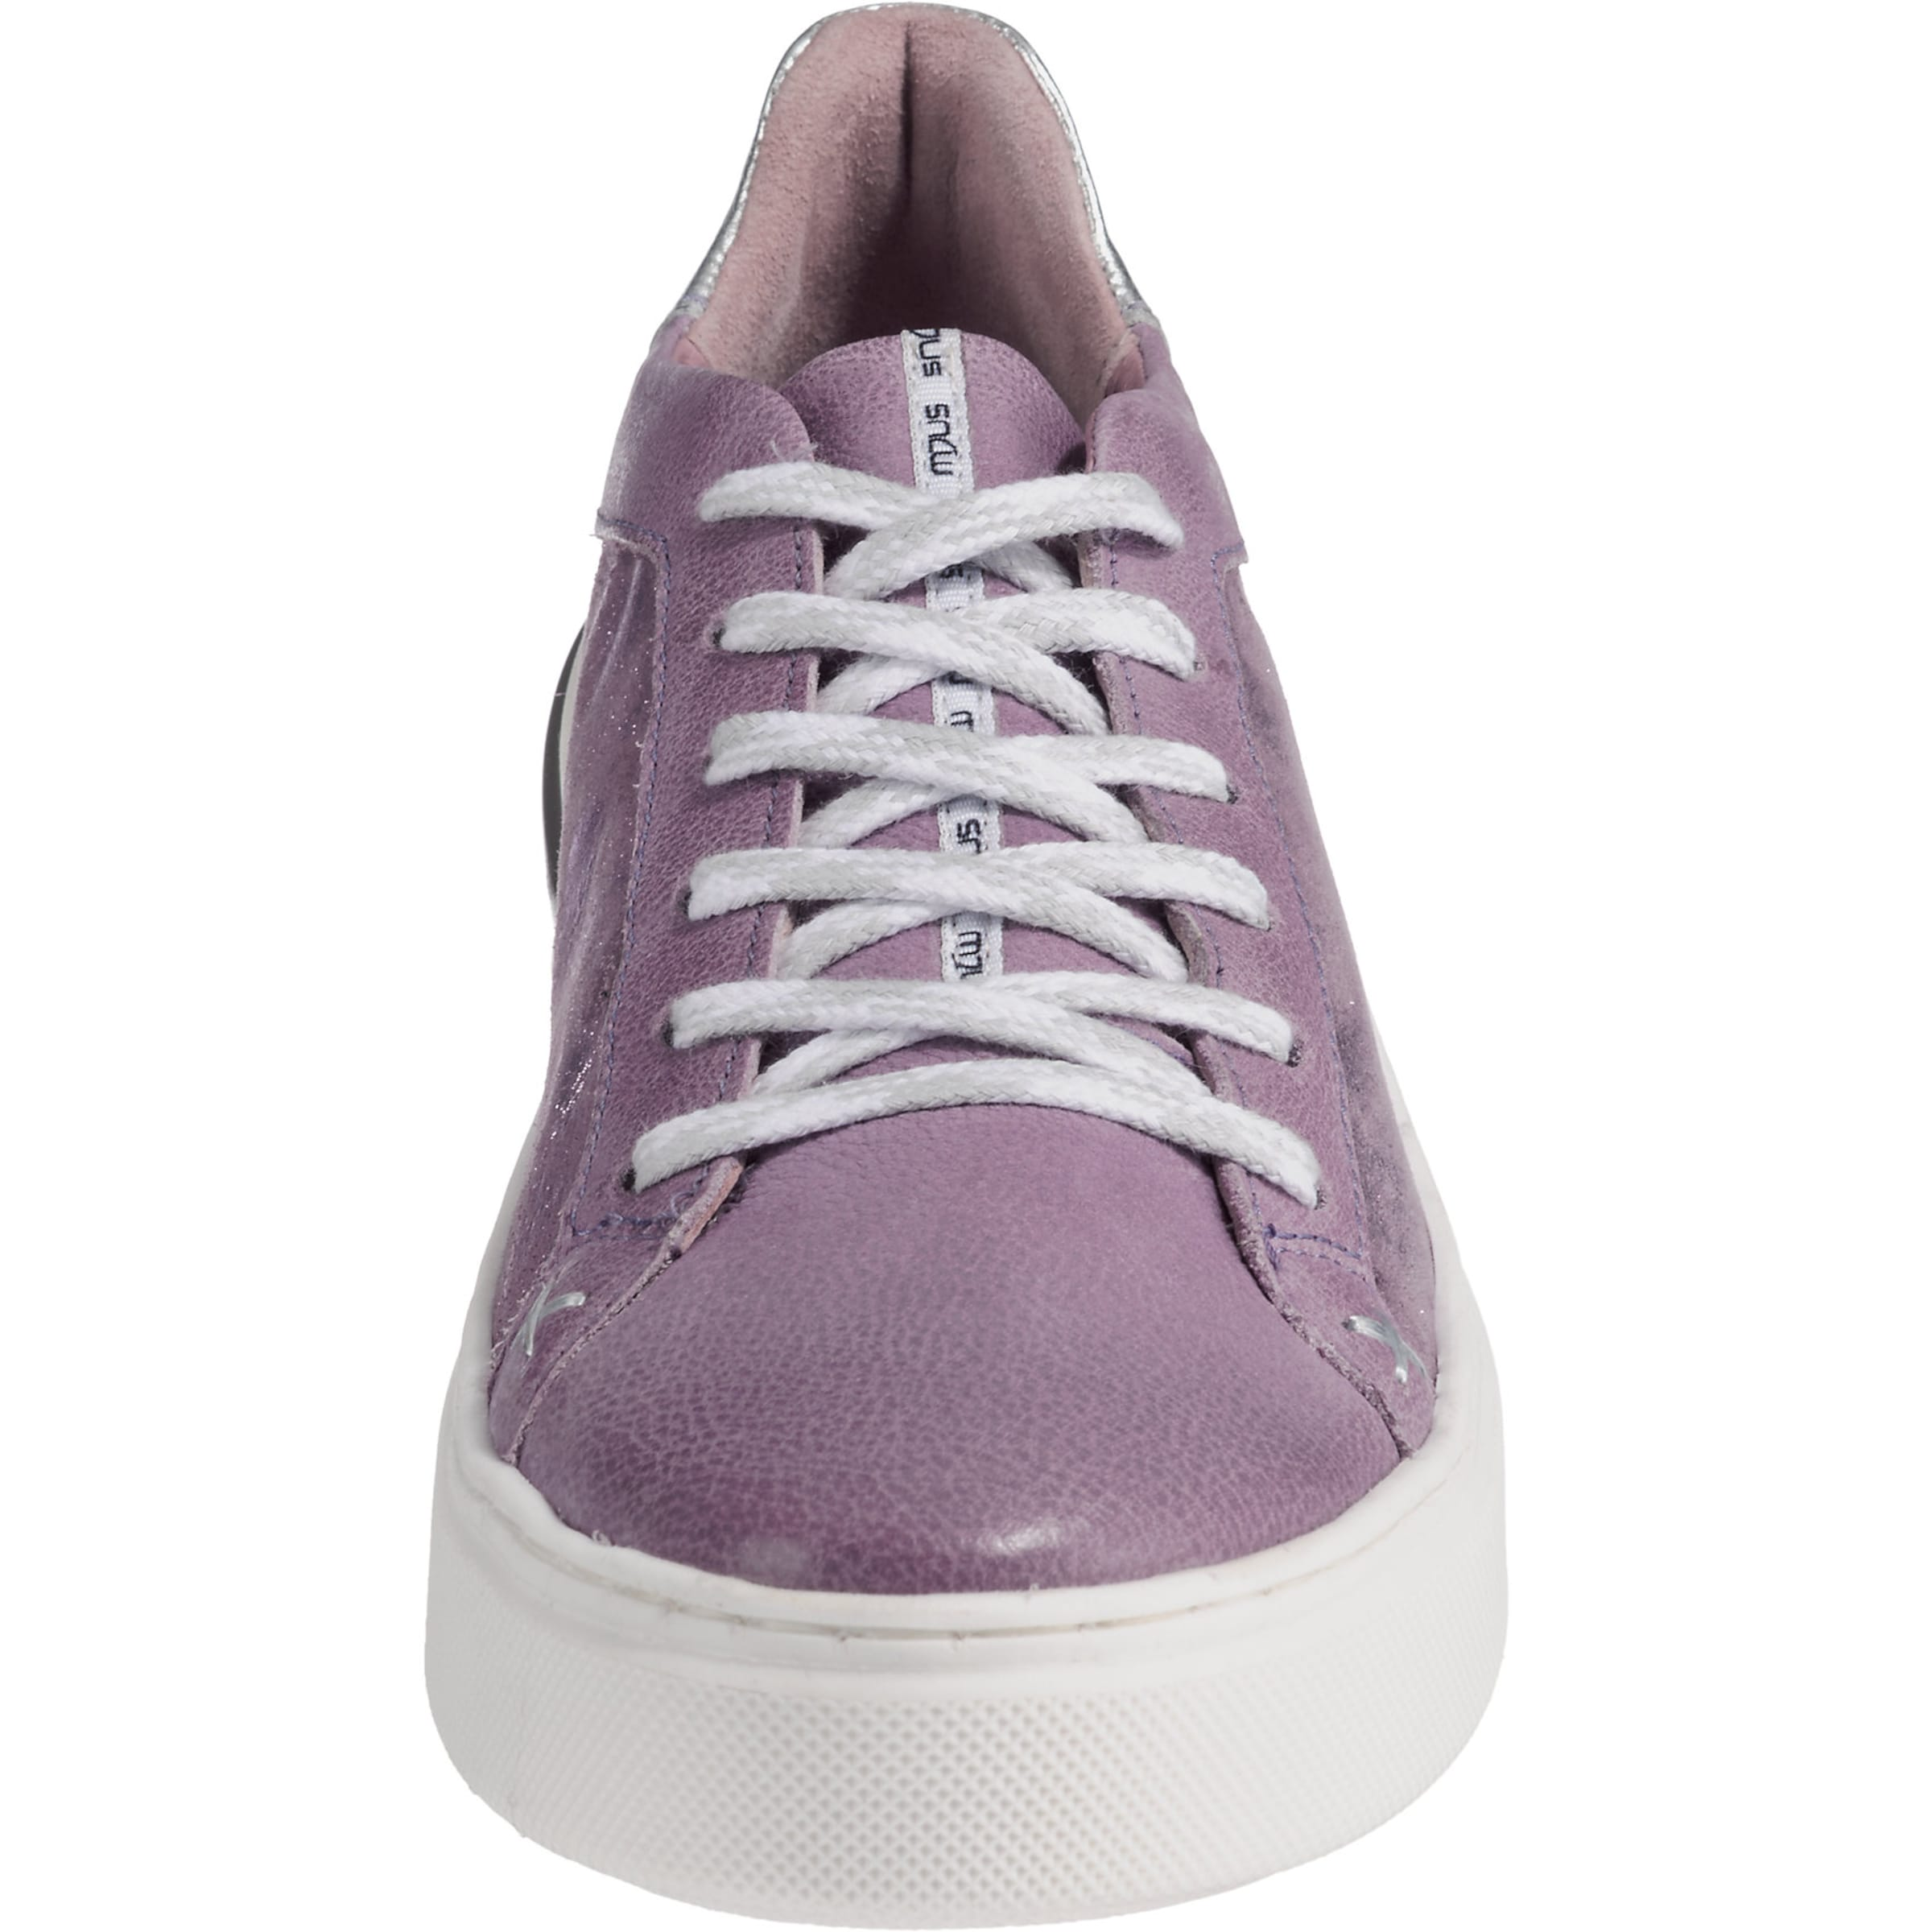 Sneakers Mjus In Mjus Sneakers In LilaSilber LilaSilber Mjus K1JlTc3F